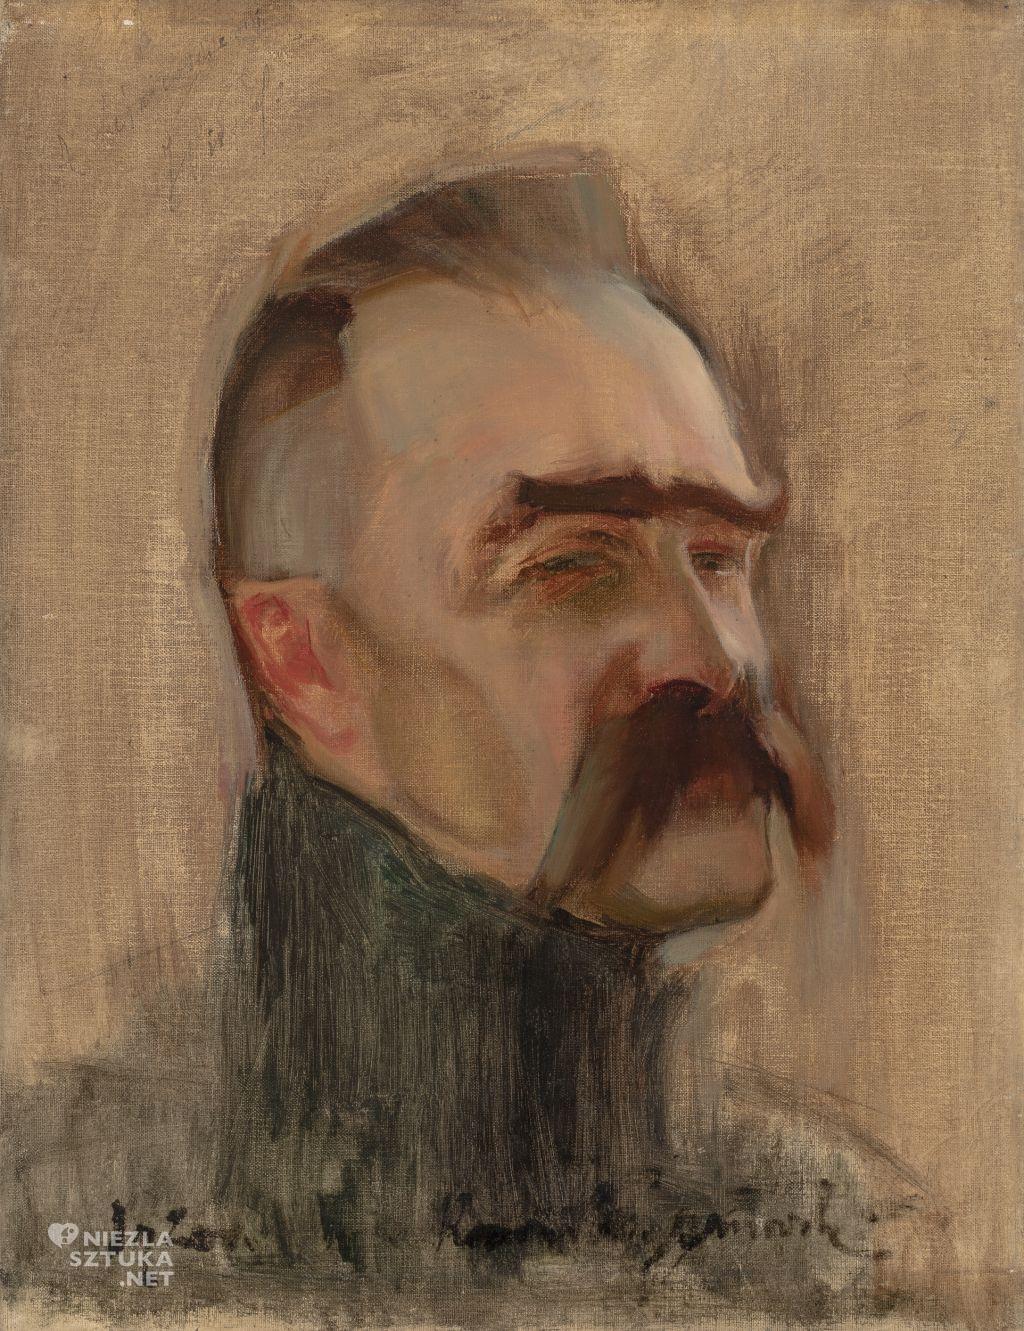 Konrad Krzyżanowski, Portret Józefa Piłsudskiego, Józef Piłsudski, Niezła sztuka